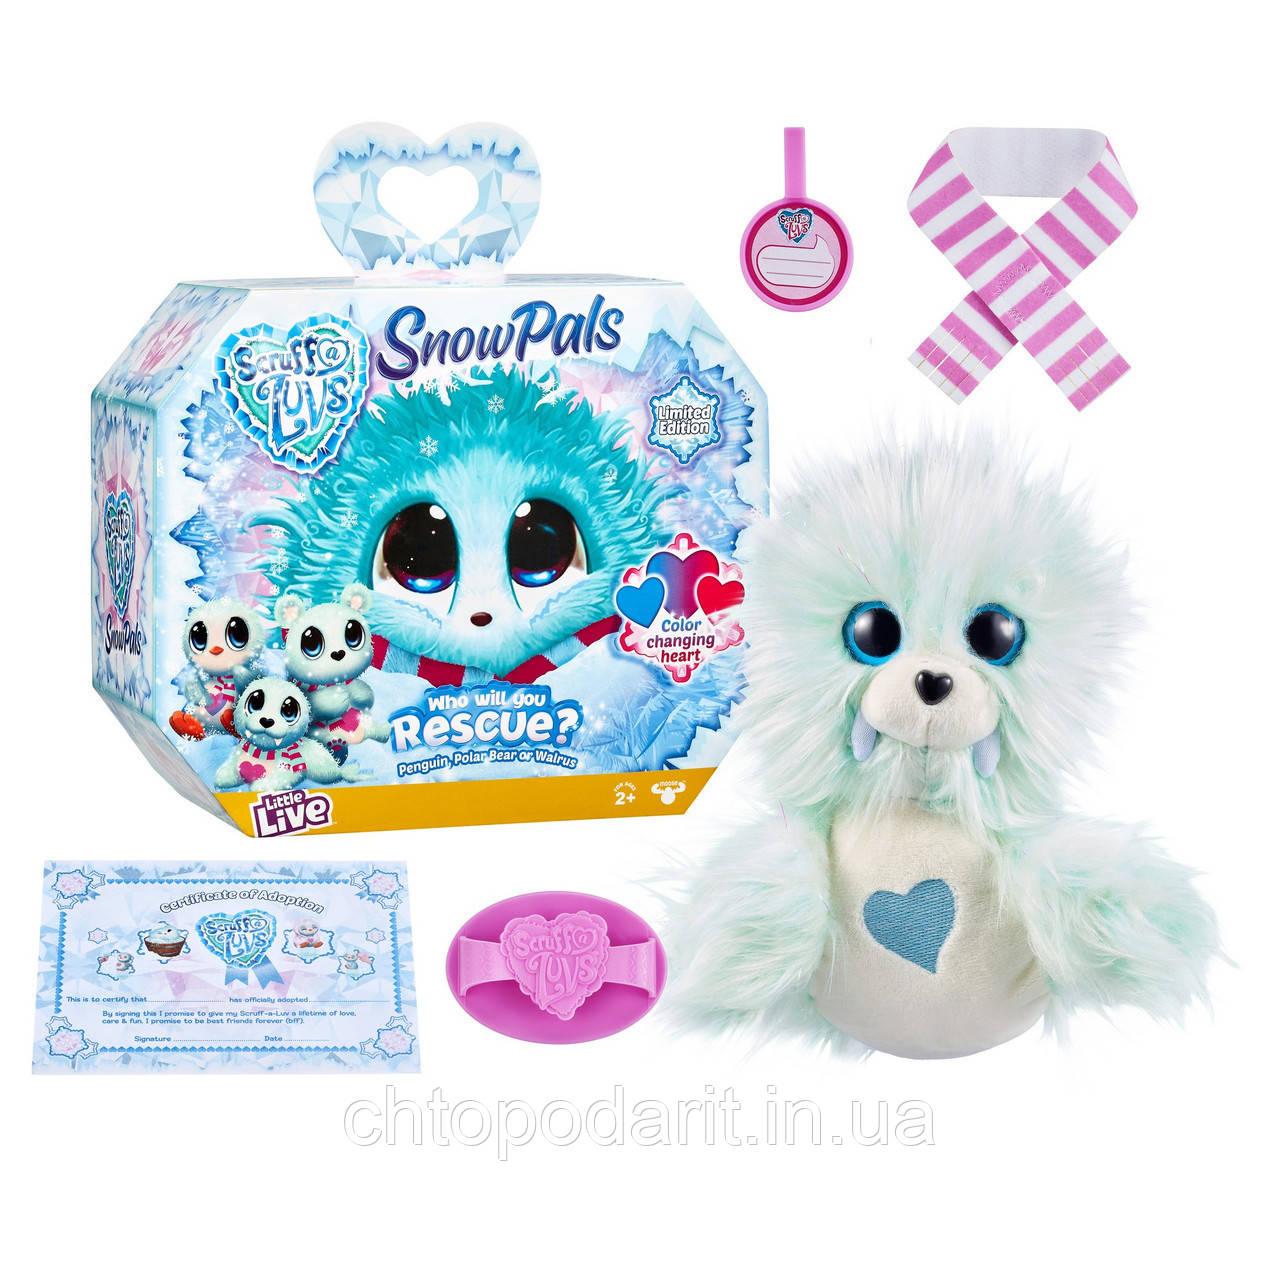 Пушистик потеряшка «Снежные друзья» игрушка сюрприз Scruff A Luvs Snow Pals Код 12-2119